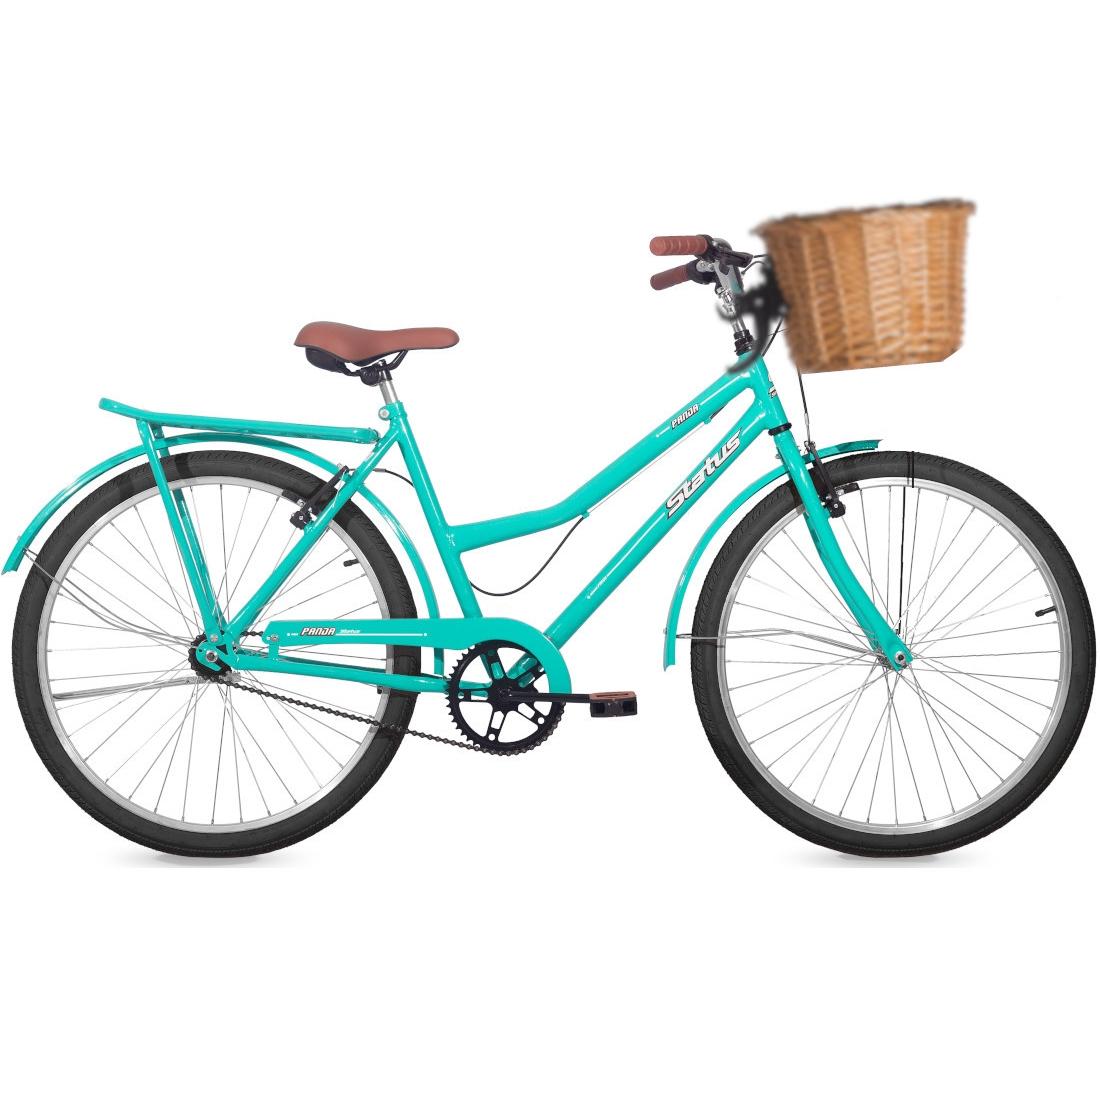 Bicicleta Retrô Aro 26 Freio V-Brake Panda Azul Tok Stok com Cestinha de Vime